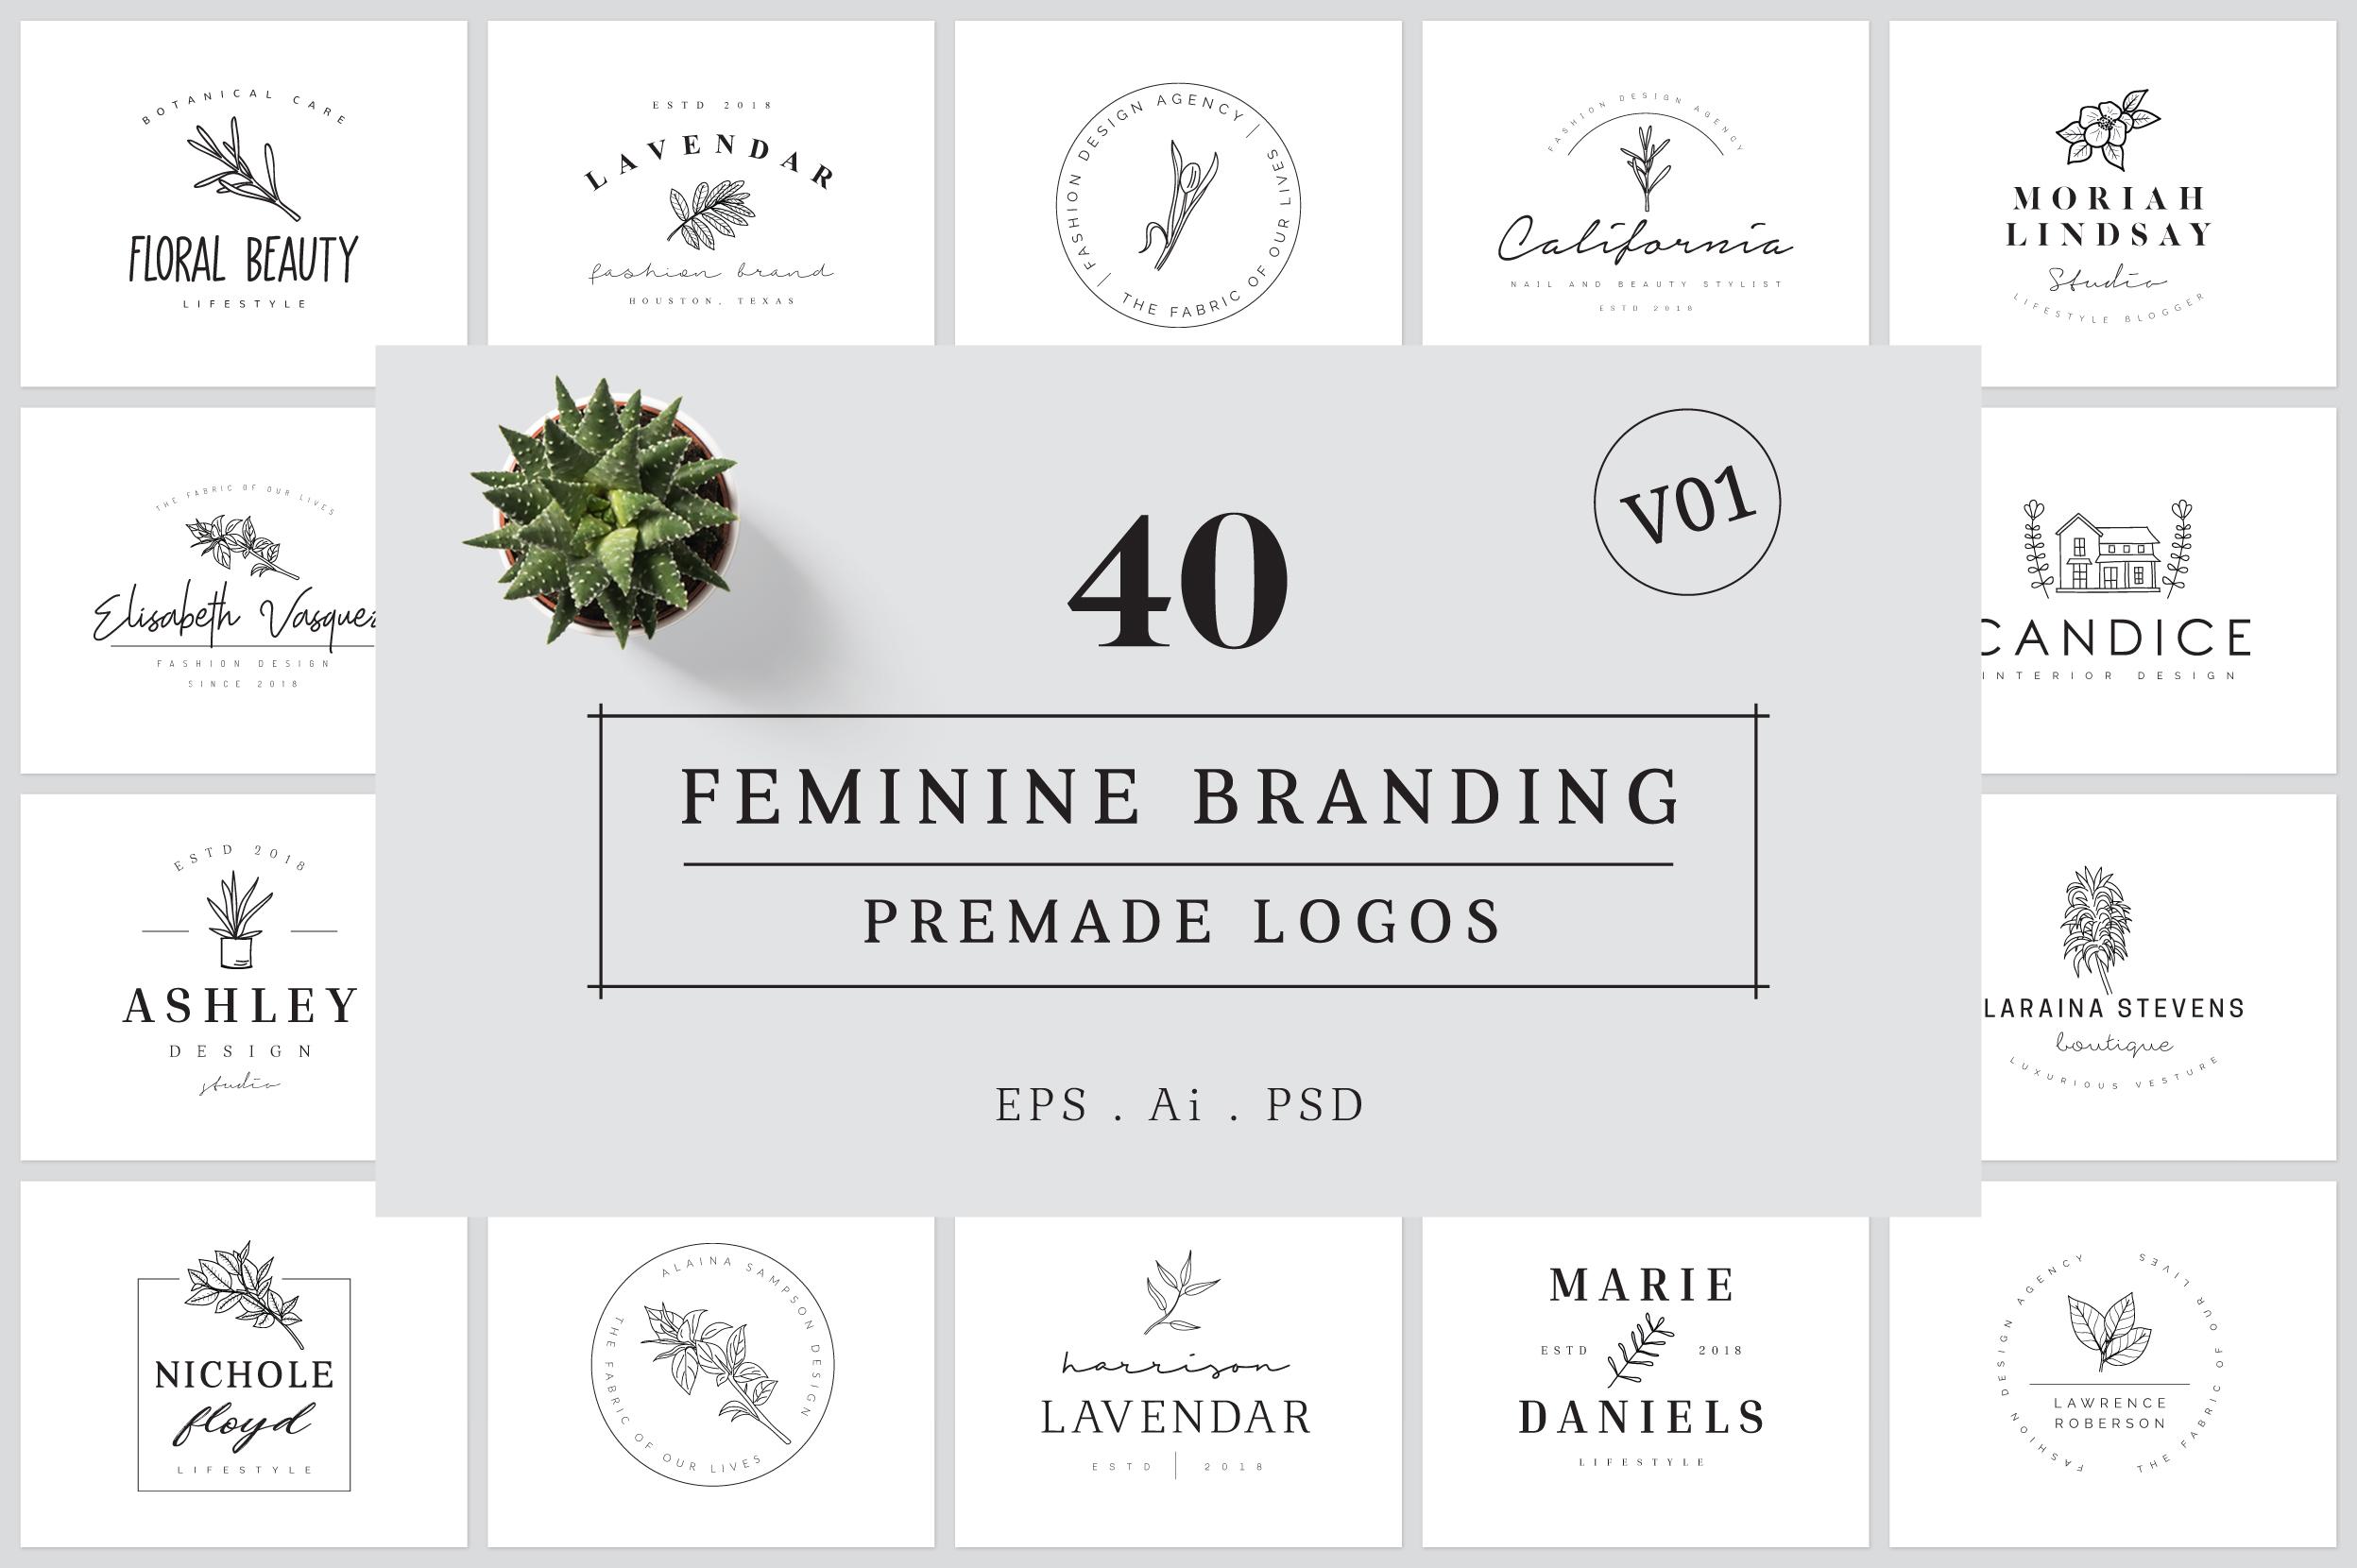 Feminine Branding Premade Logos V01 example image 1